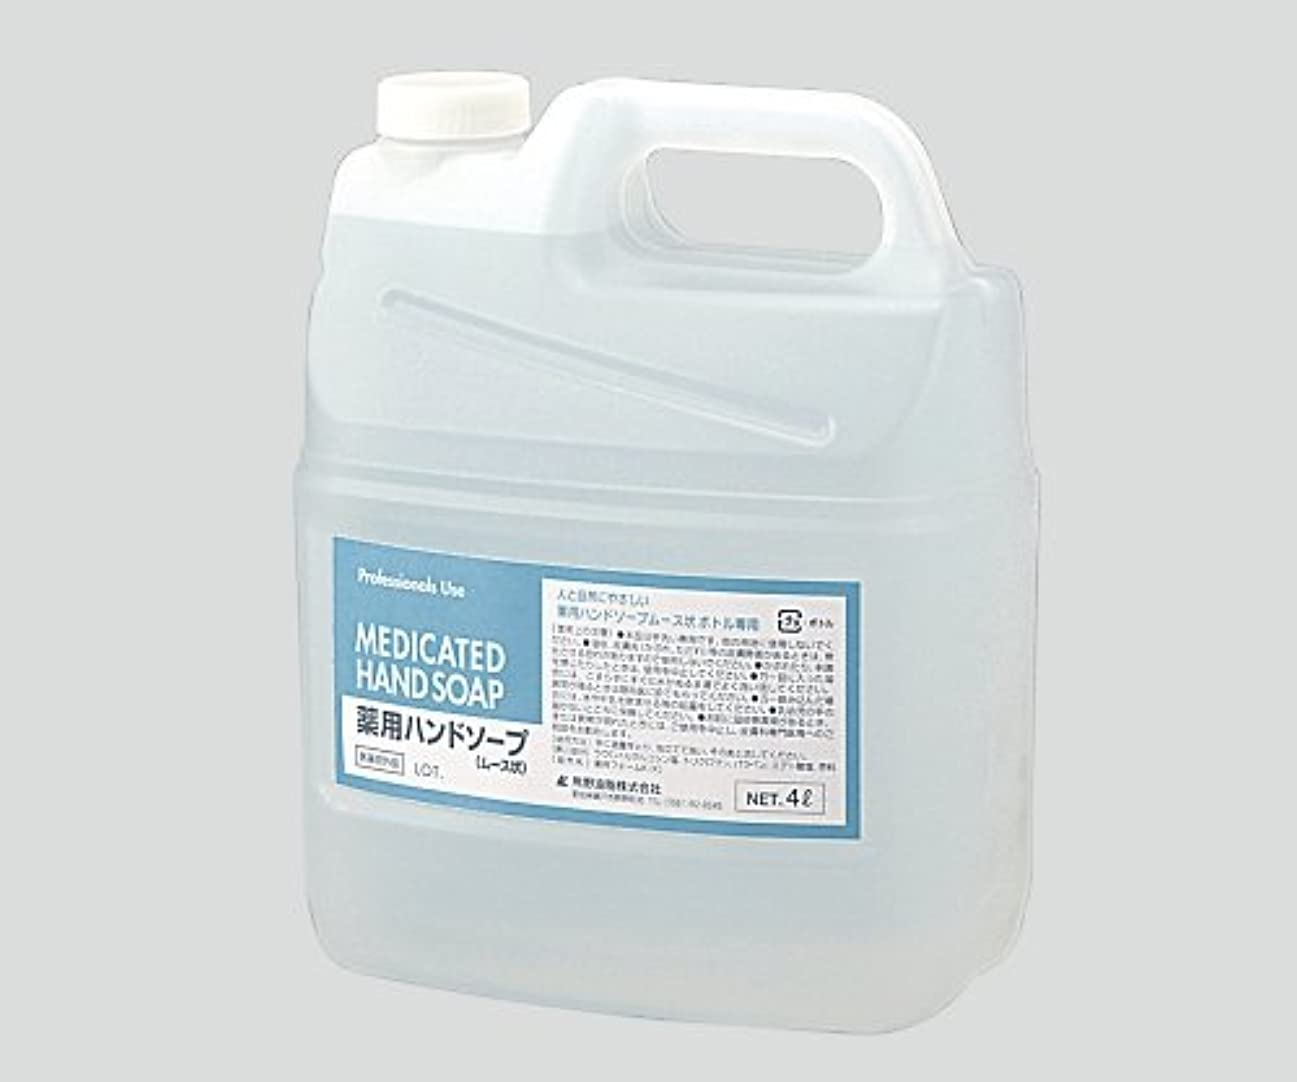 エクステントを必要としています不良品8-6279-11セディア薬用ハンドソープ(泡タイプ)4L